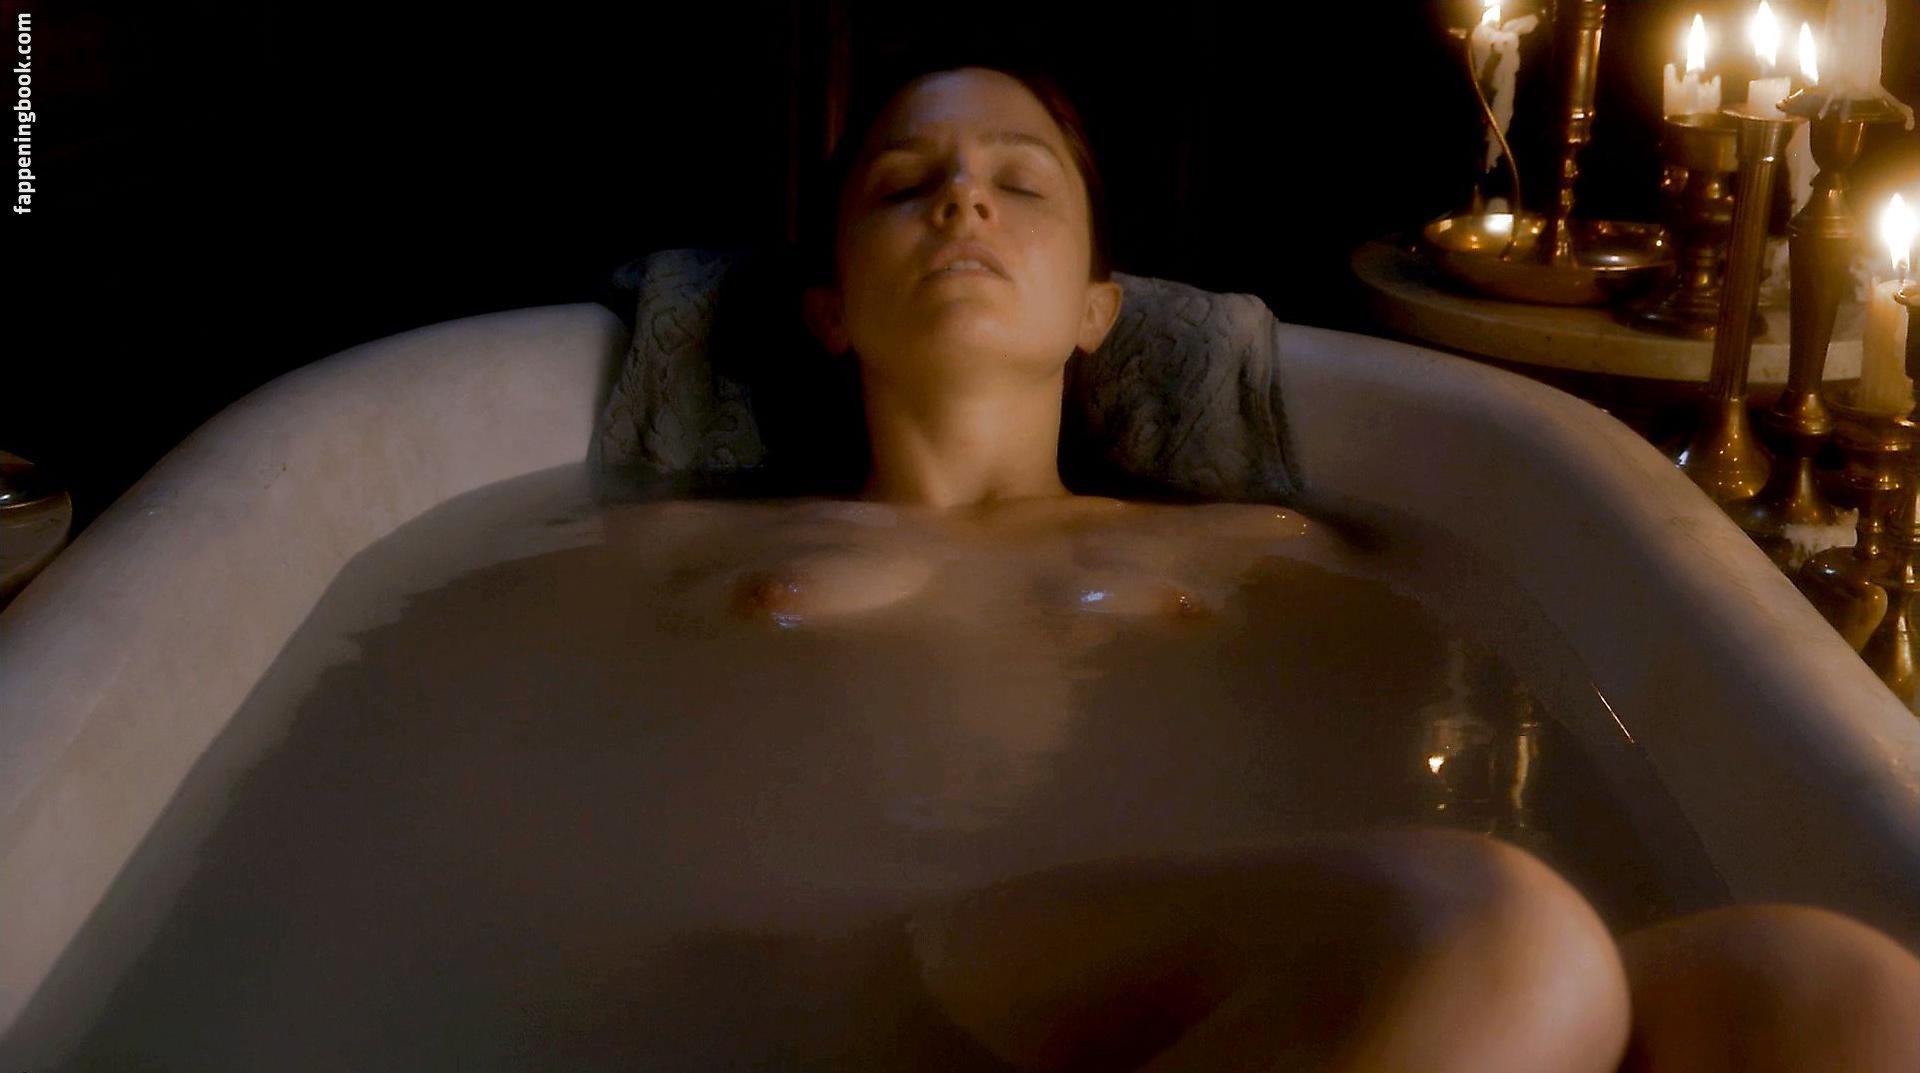 Shannon lucio nude porn pics